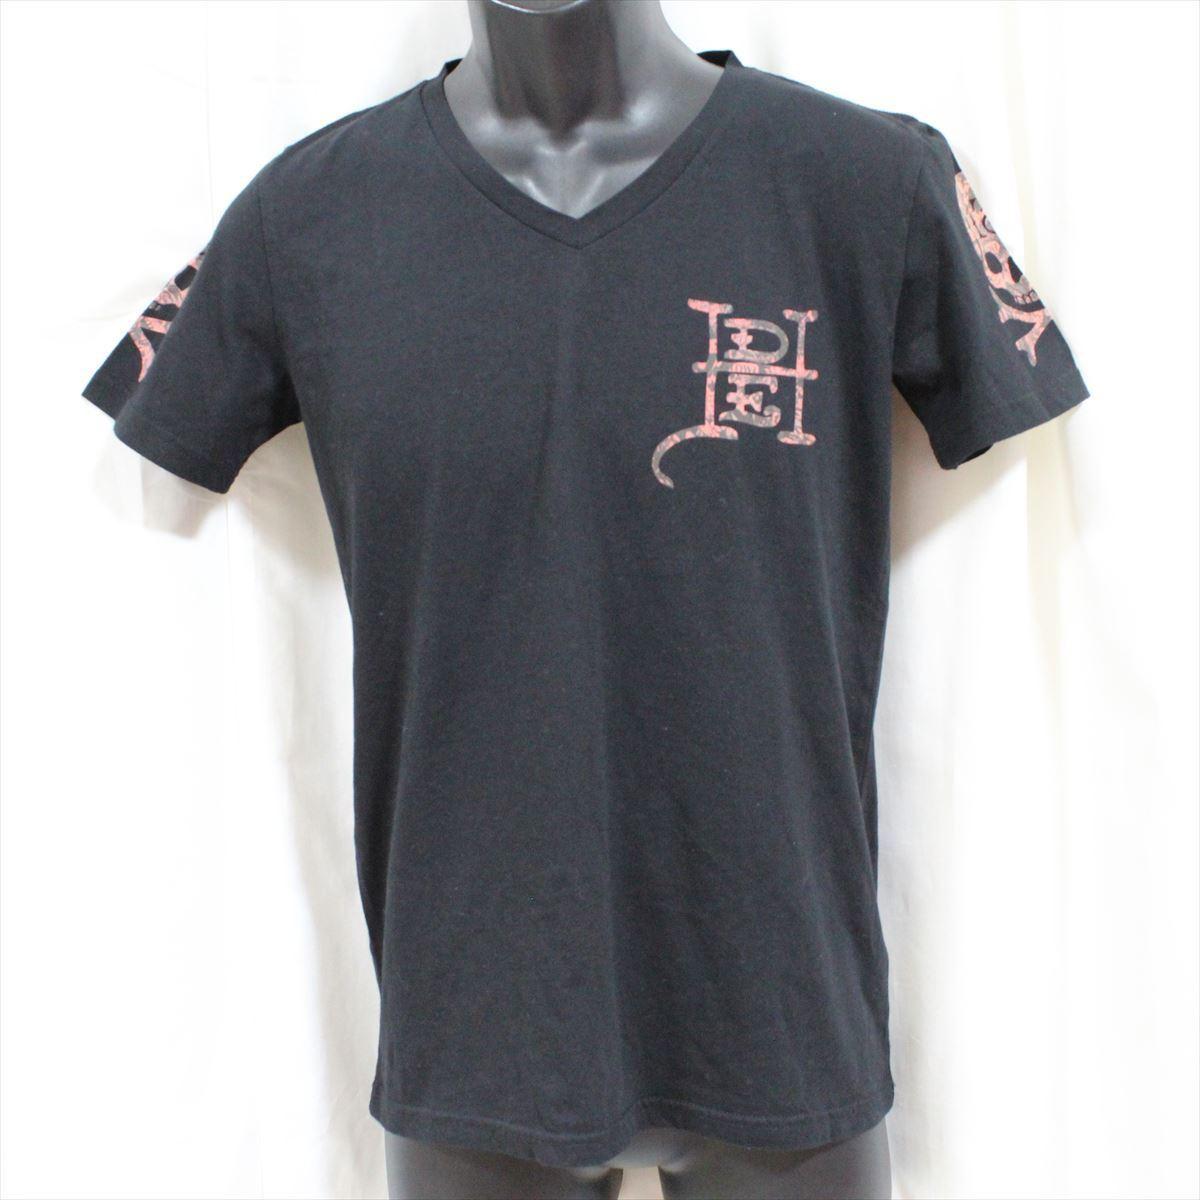 エドハーディー ED HARDY メンズ半袖Tシャツ ブラック Sサイズ 新品 Vネック 黒_画像1